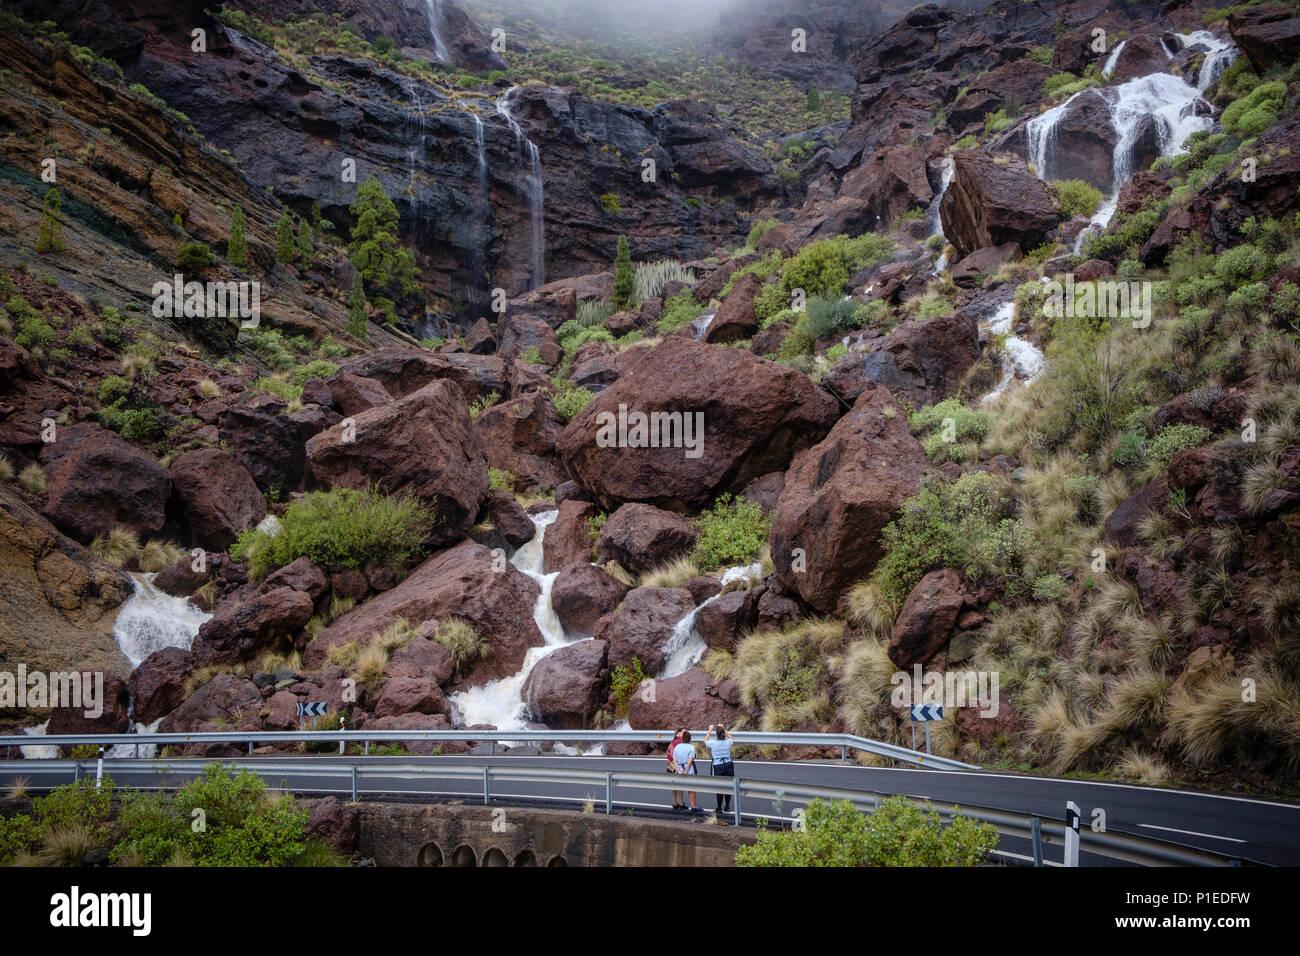 Après de fortes pluies, les cours d'eau gonflés Charco Azul, Gran Canaria, Îles Canaries, Espagne Banque D'Images